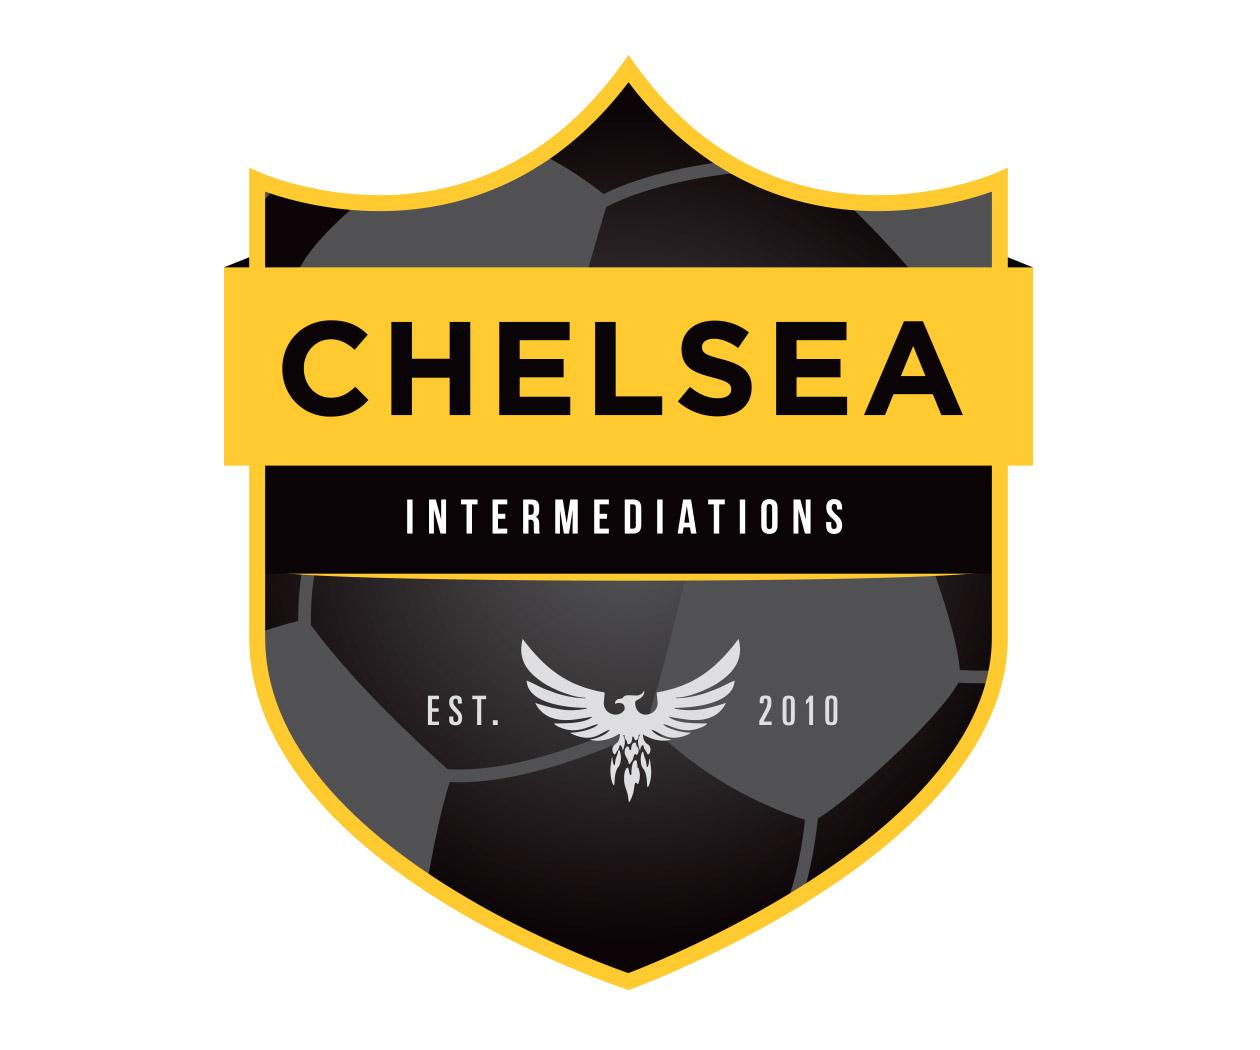 testimonial-for-the-custom-sports-logo-design-for-chelsea-intermediations-by-jordan-fretz.jpg